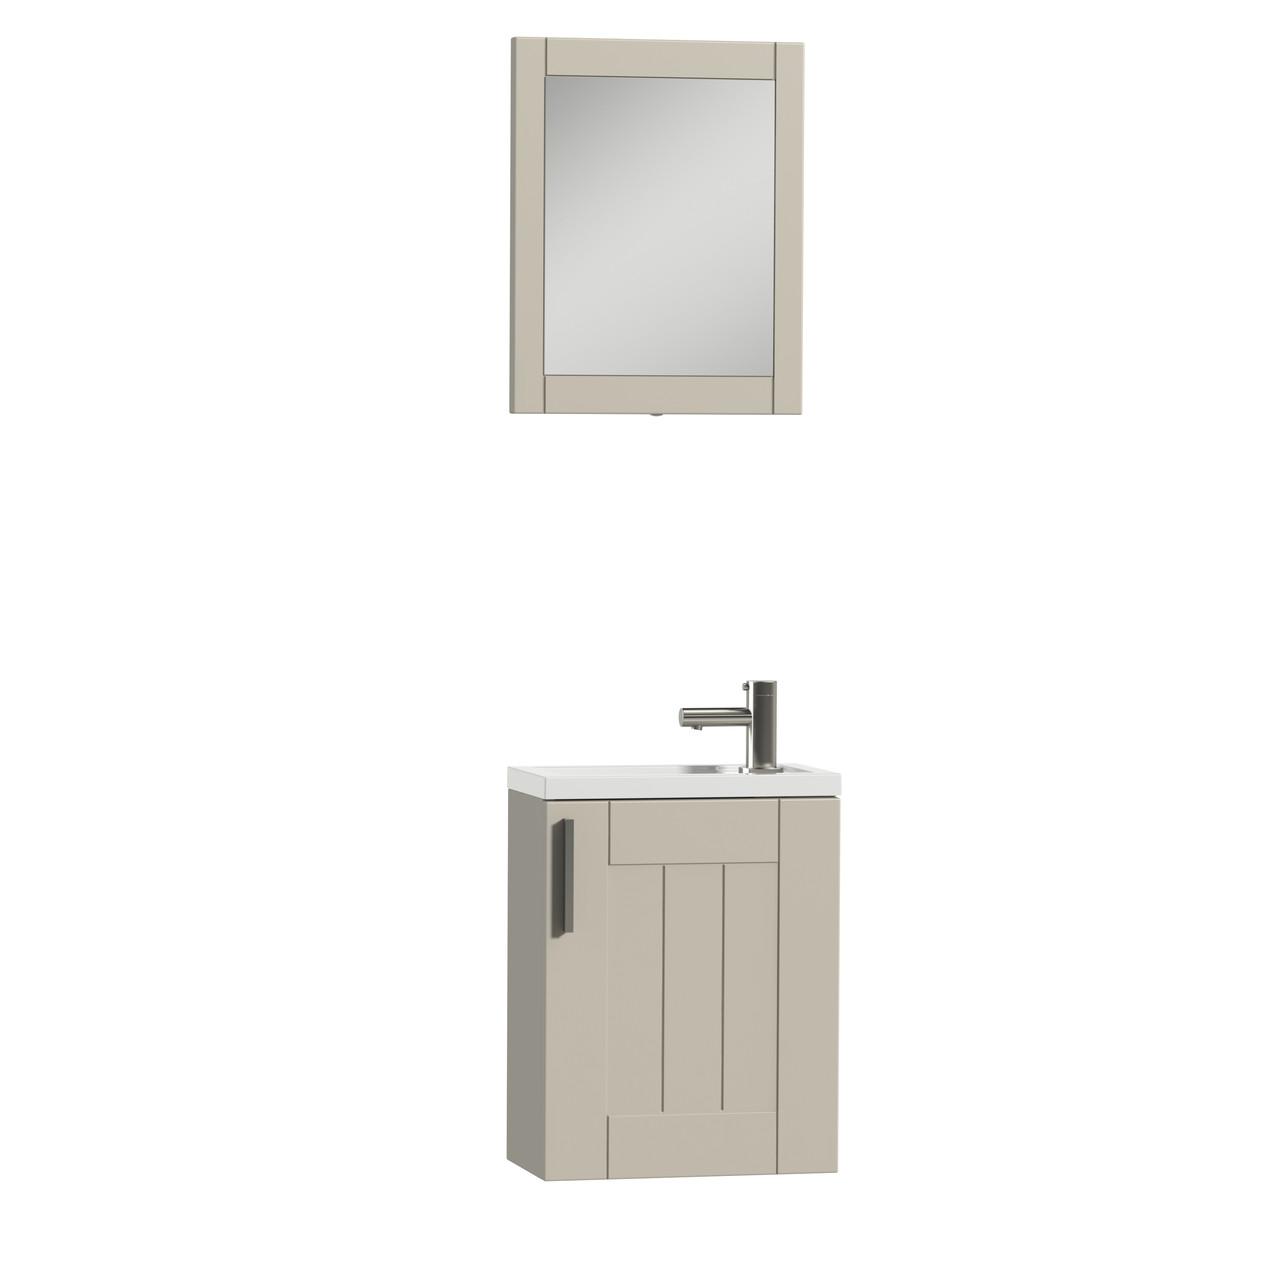 16 Floating Bathroom Vanity Set Tiger Frames Ivory White Oak